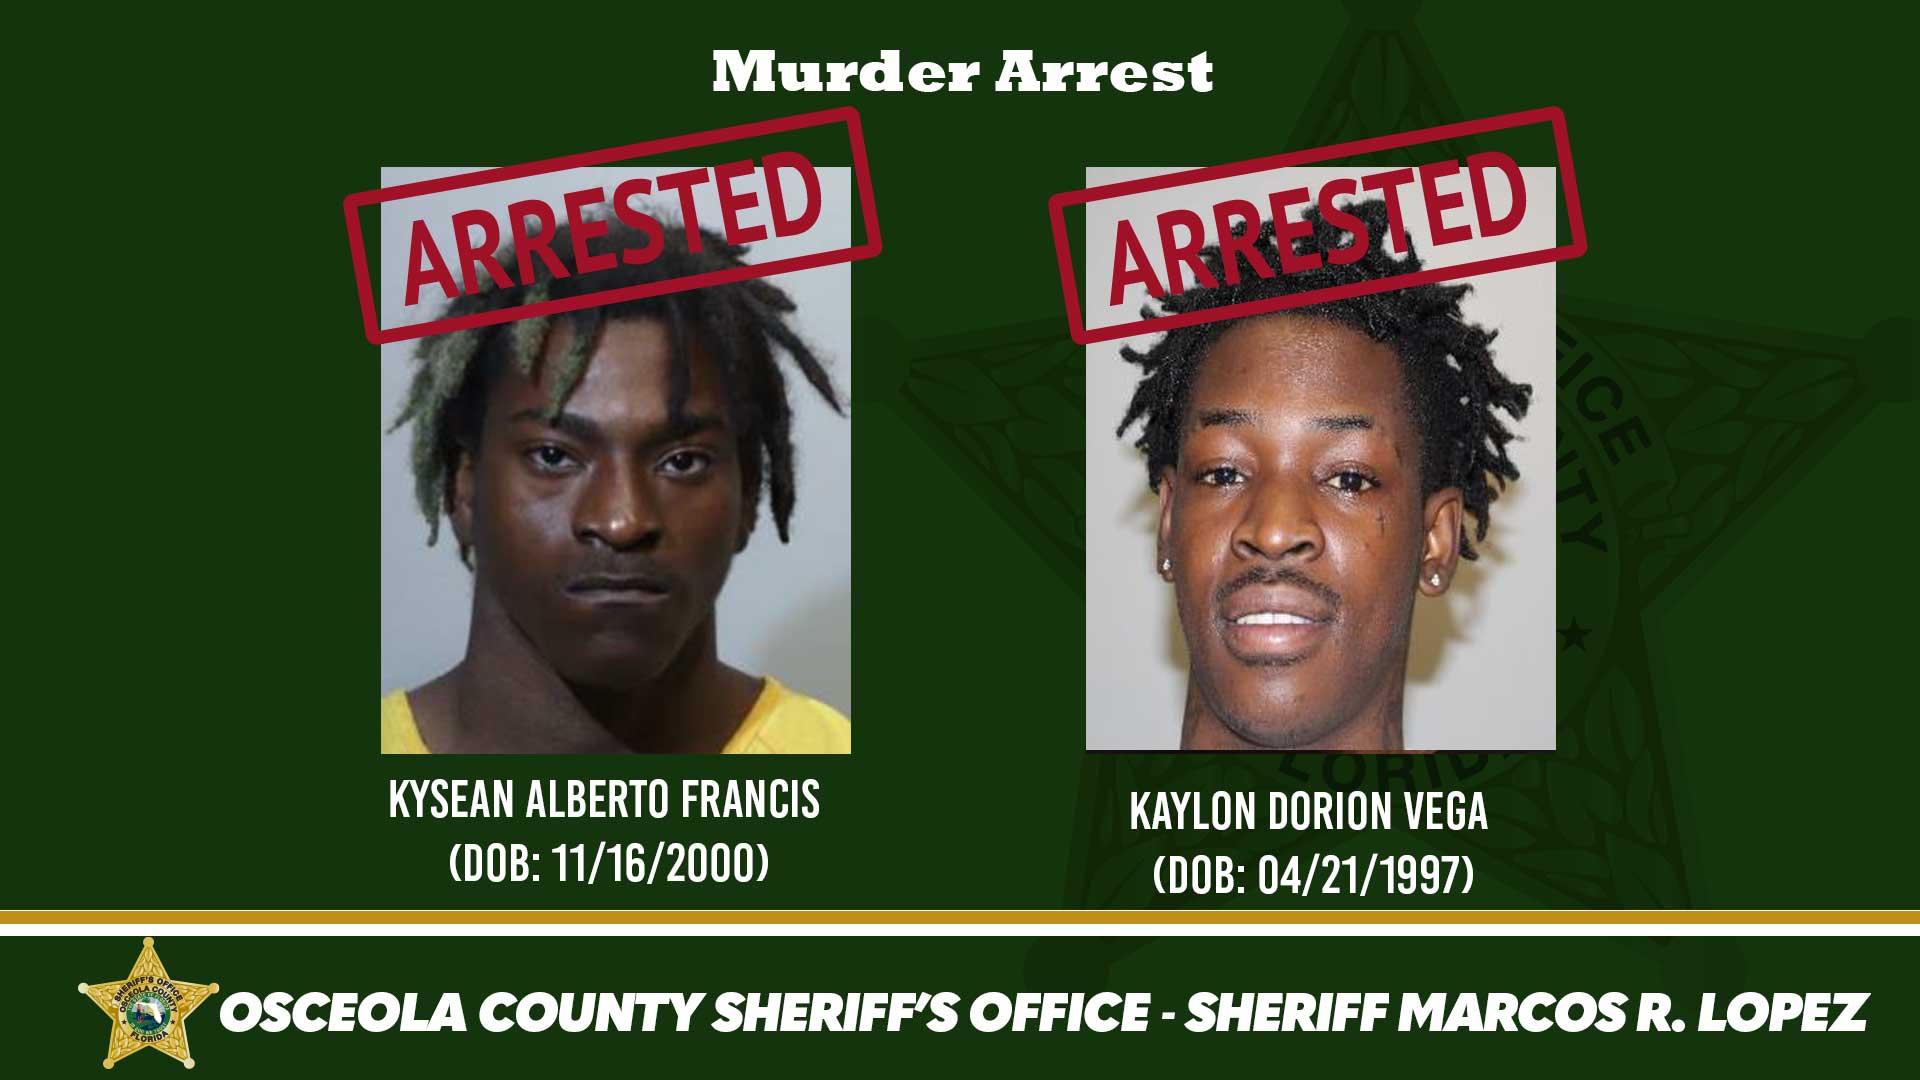 Murder Arrest